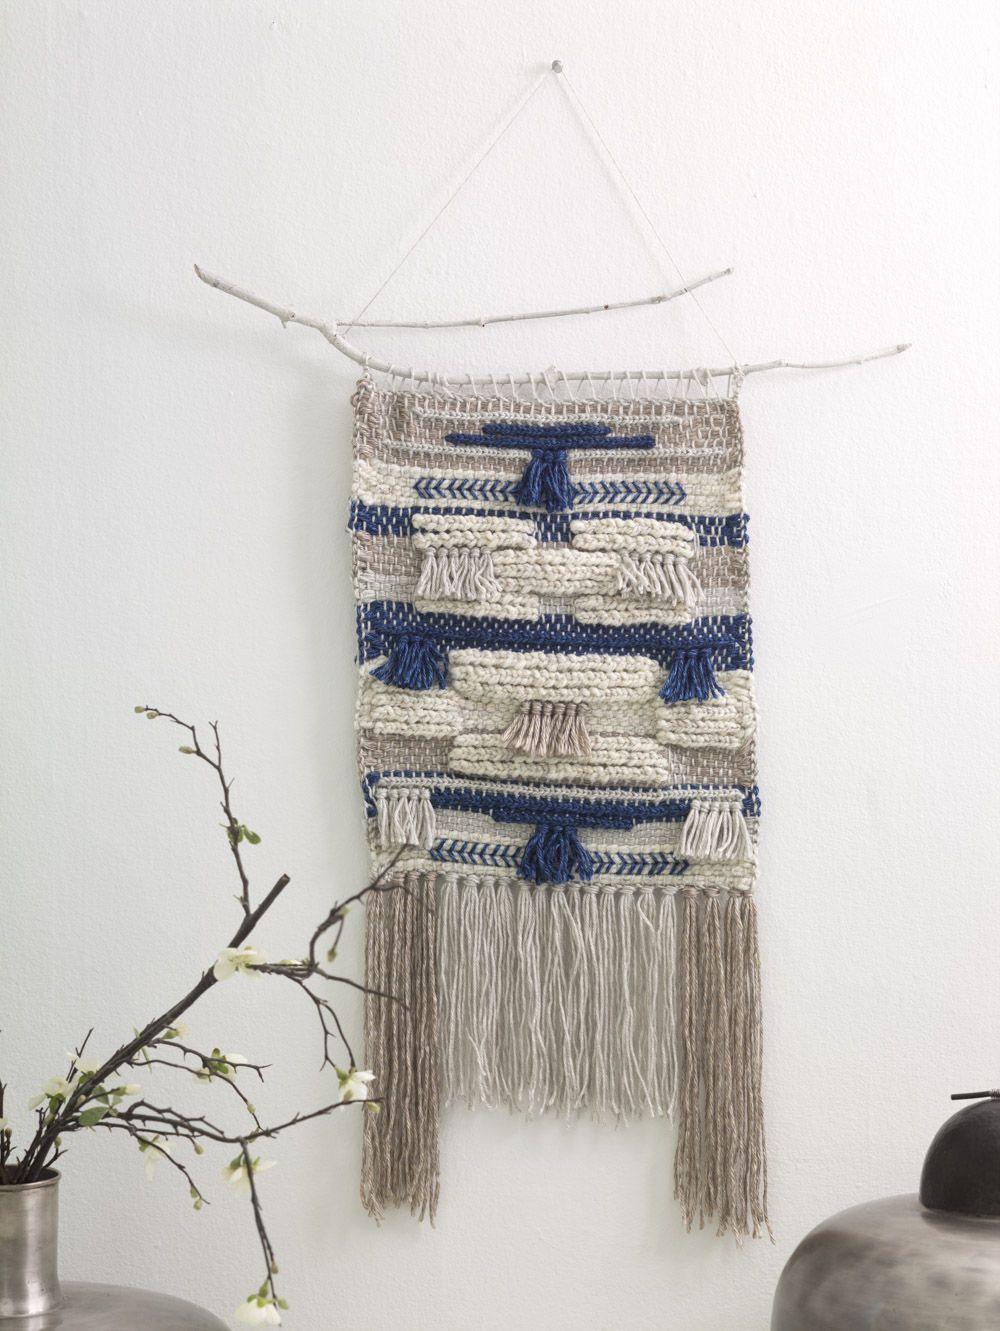 Pin de Patty Richardson-Edwards en Weaving en 2018 | Pinterest